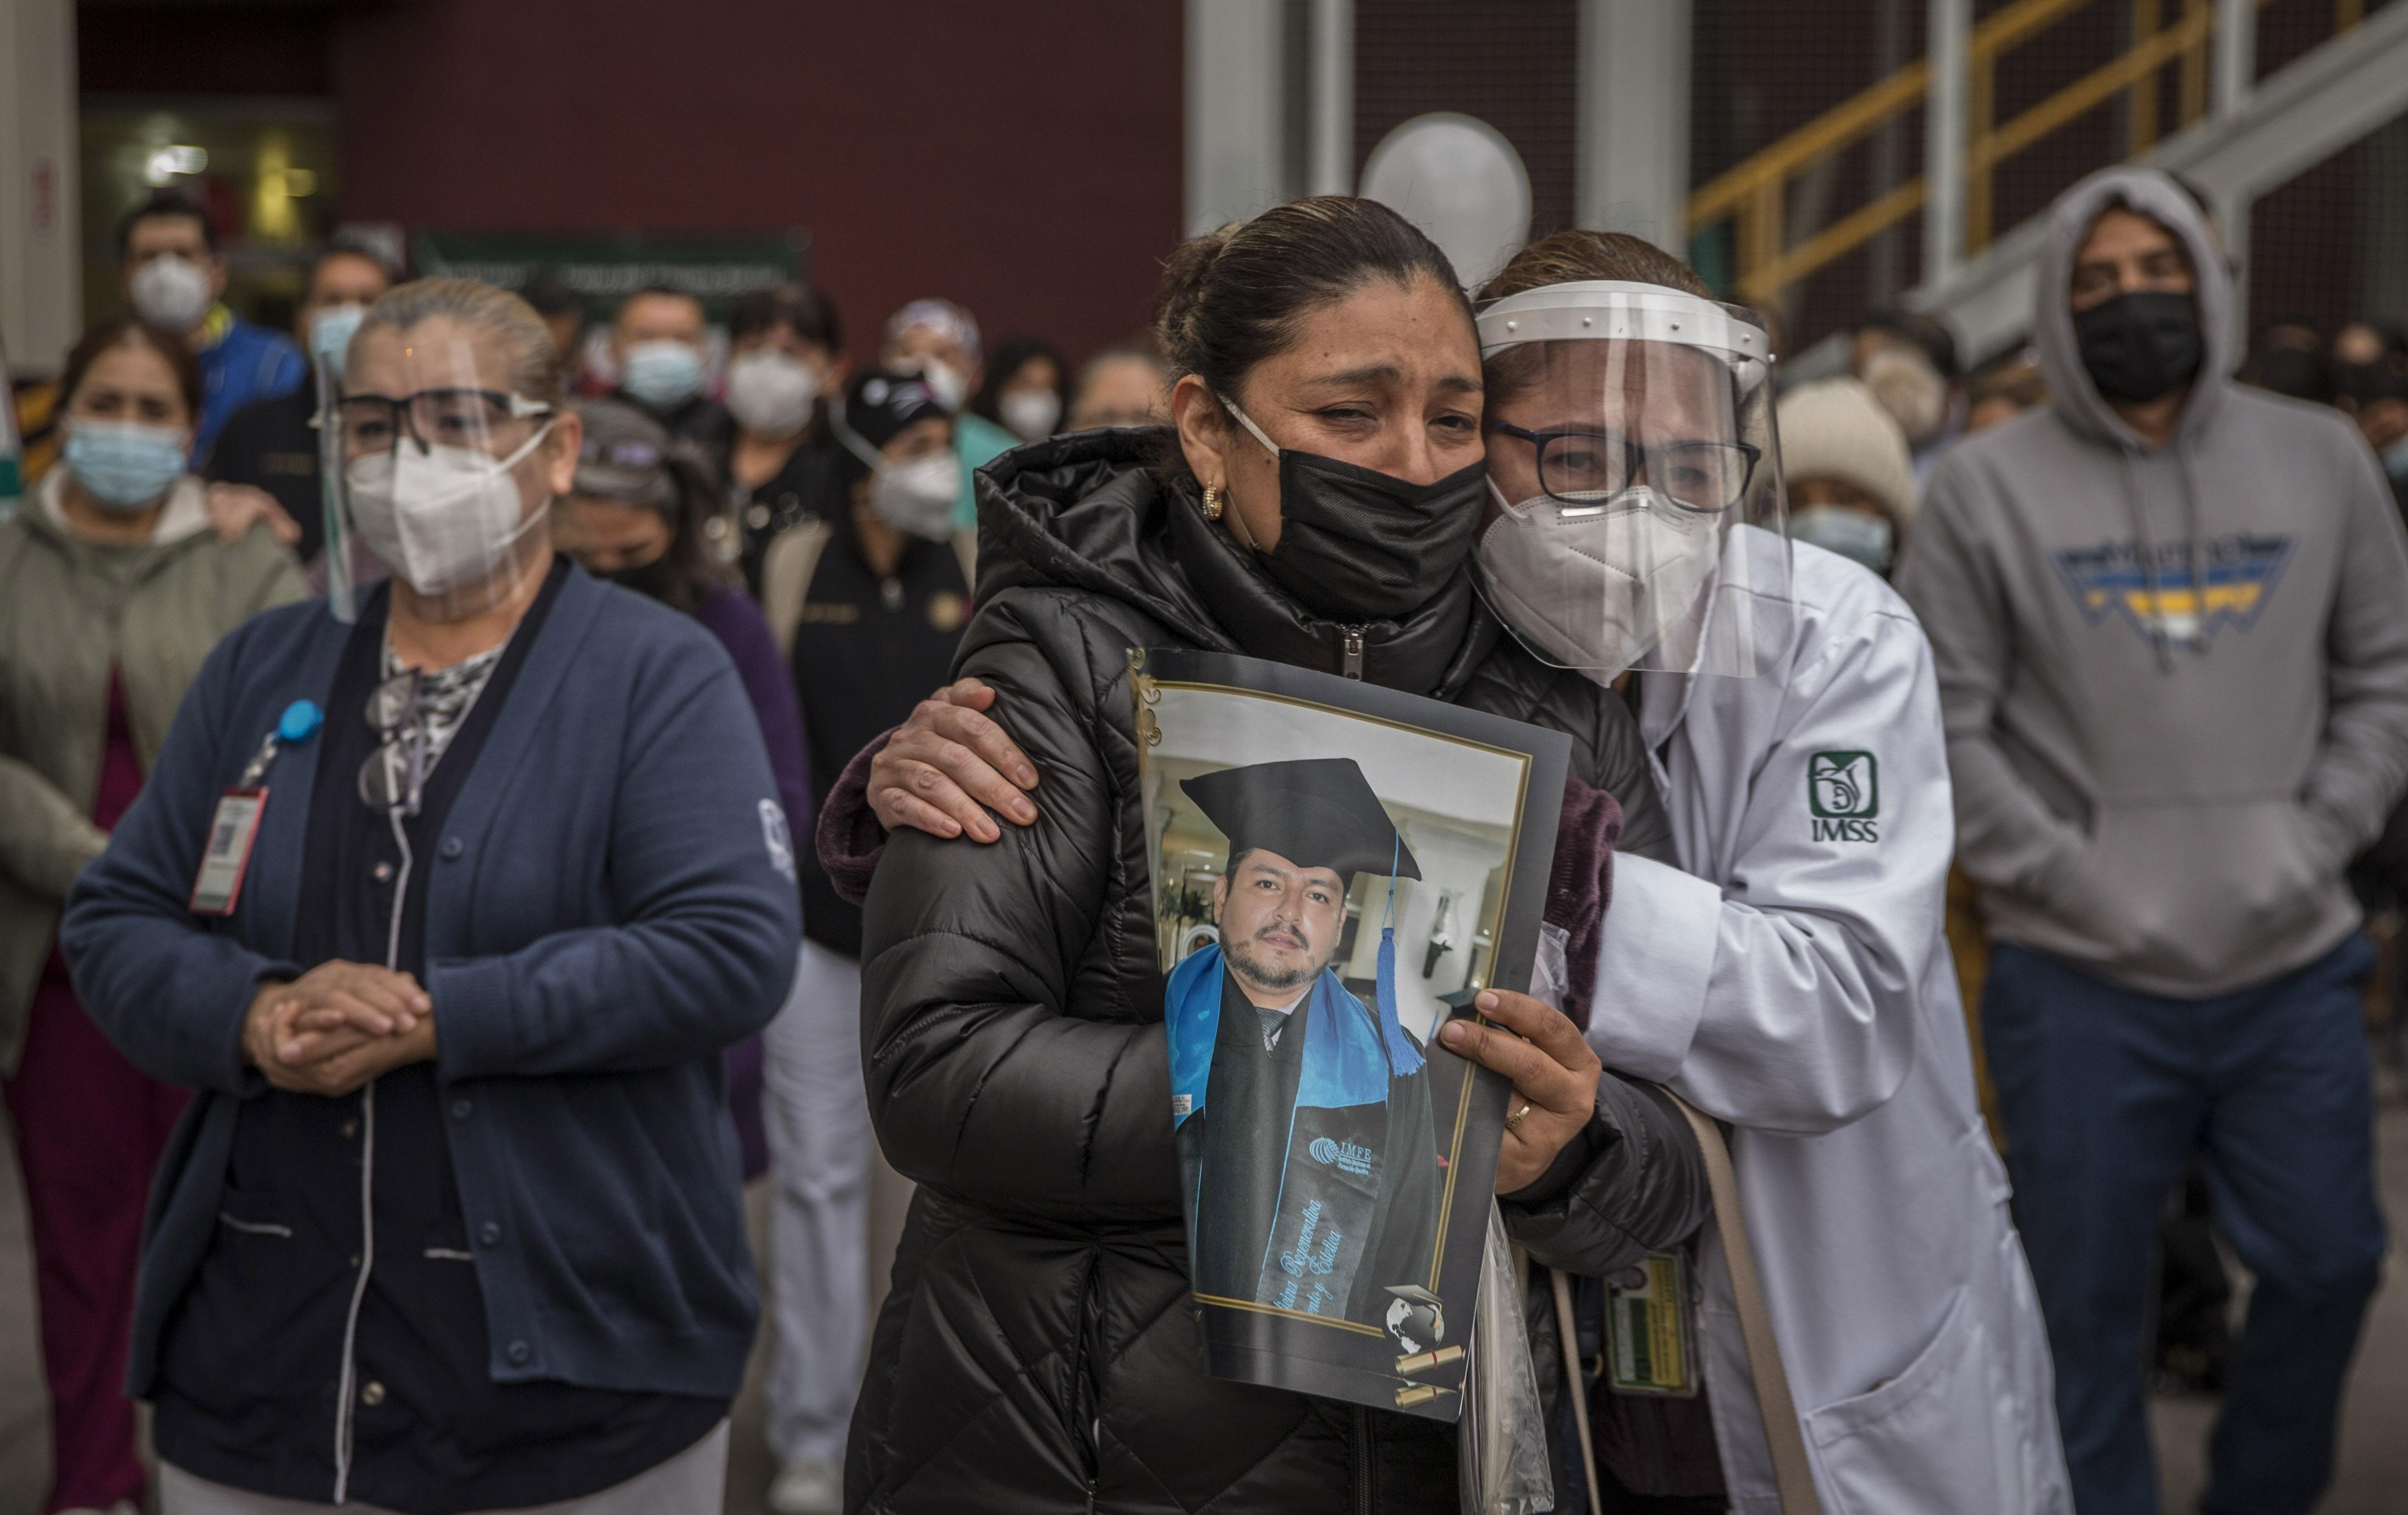 Familiares  compañeros y amigos despiden al médico urgenciólogo Arturo Aviles, quien perdió la vida ante la batalla del Covid-19